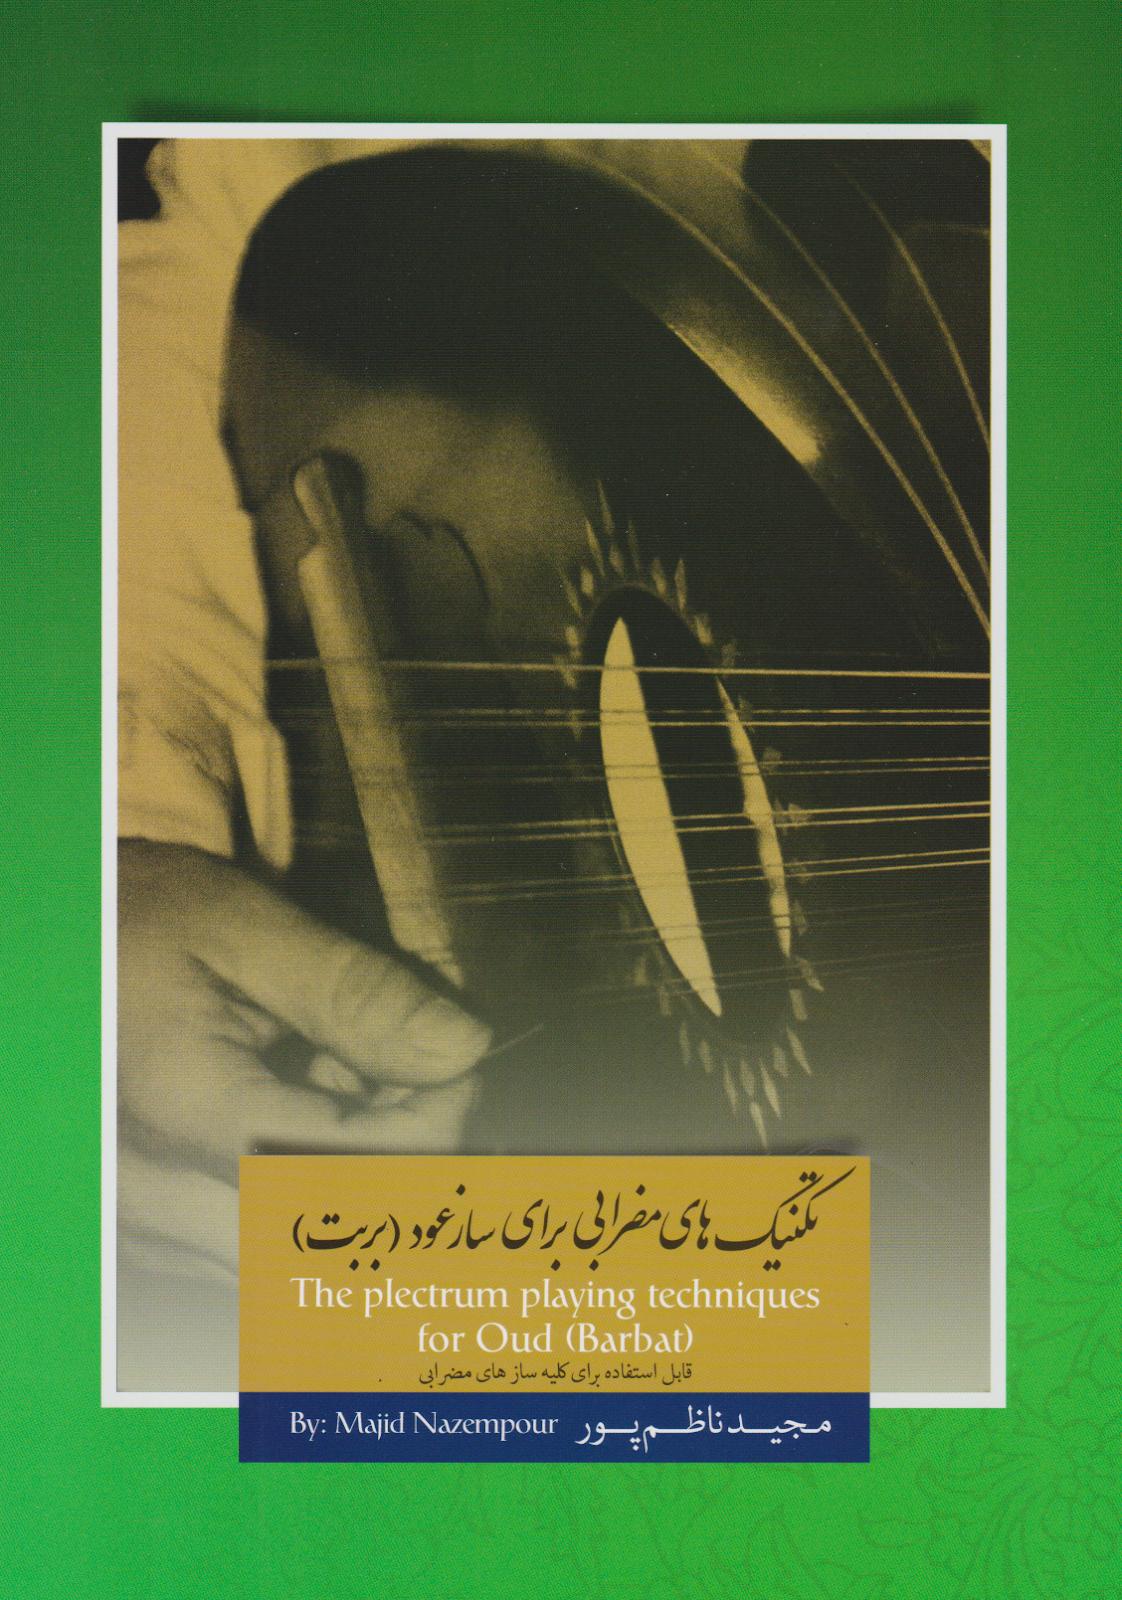 کتاب تکنیکهای مضرابی برای ساز عود (بربت) مجید ناظمپور انتشارات سرای عود زریاب